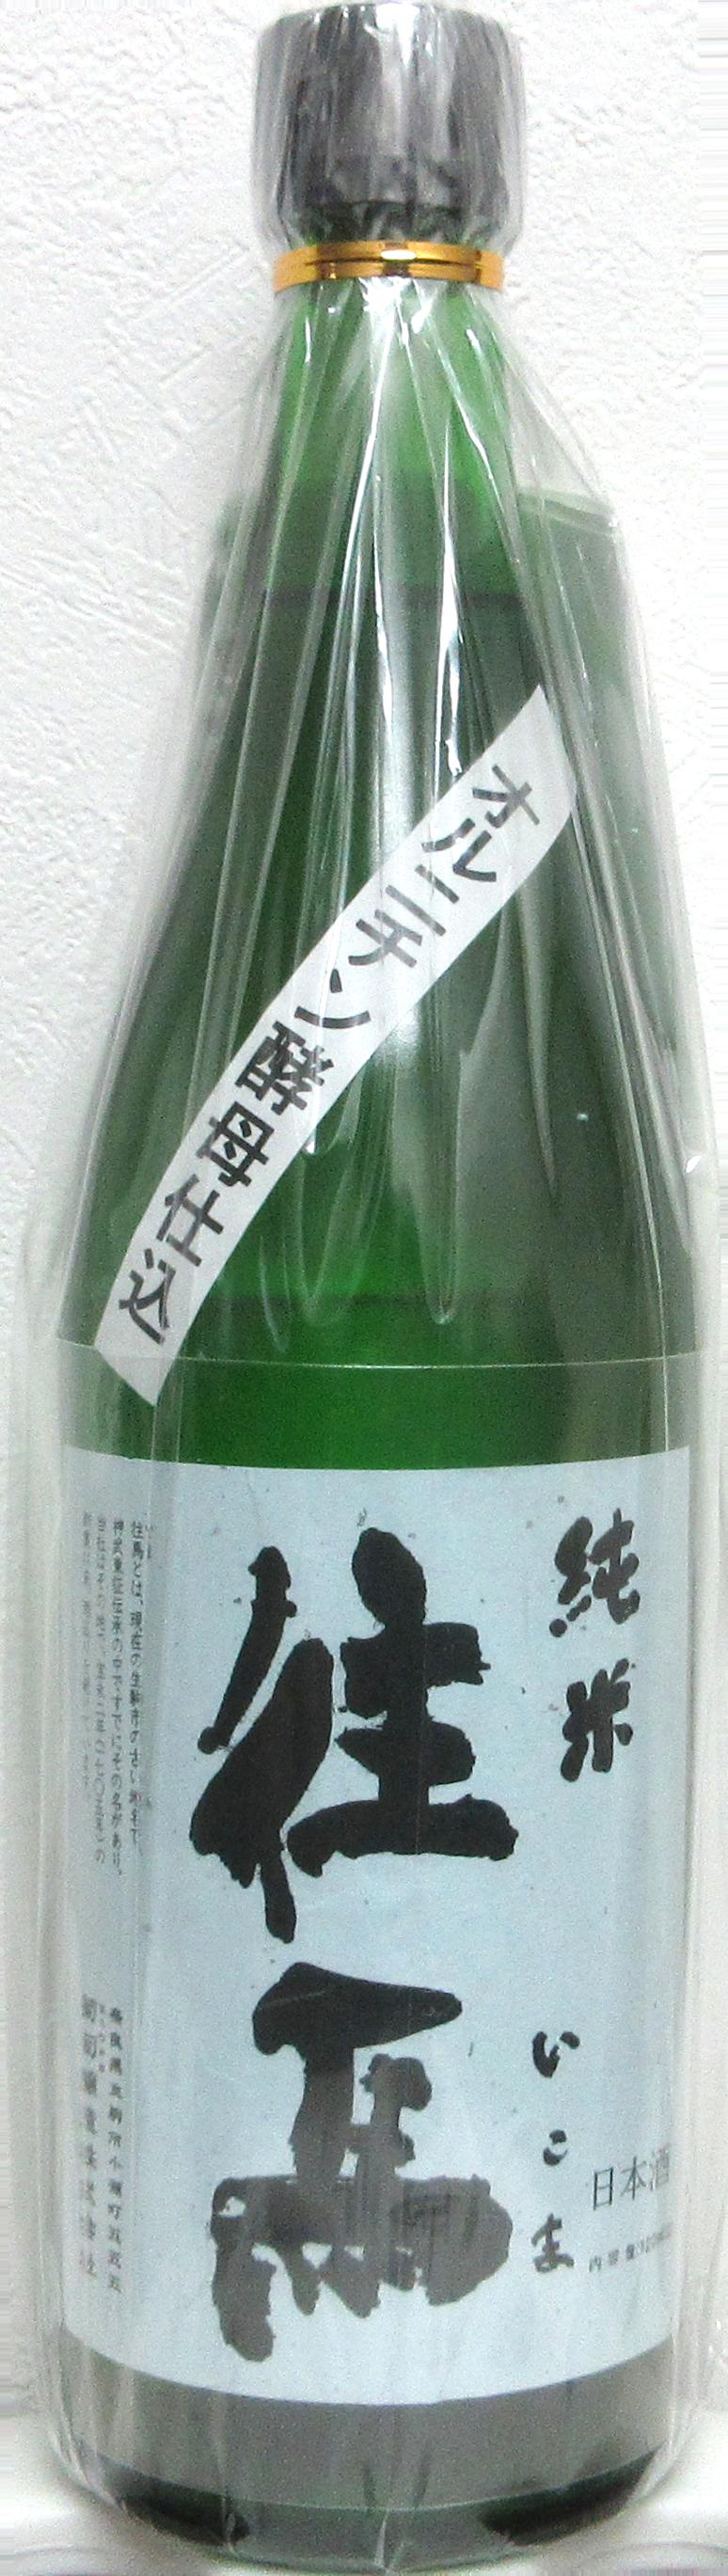 菊司醸造株式会社  菊司 菊司 オルニチン高生産性酵母使用 純米酒